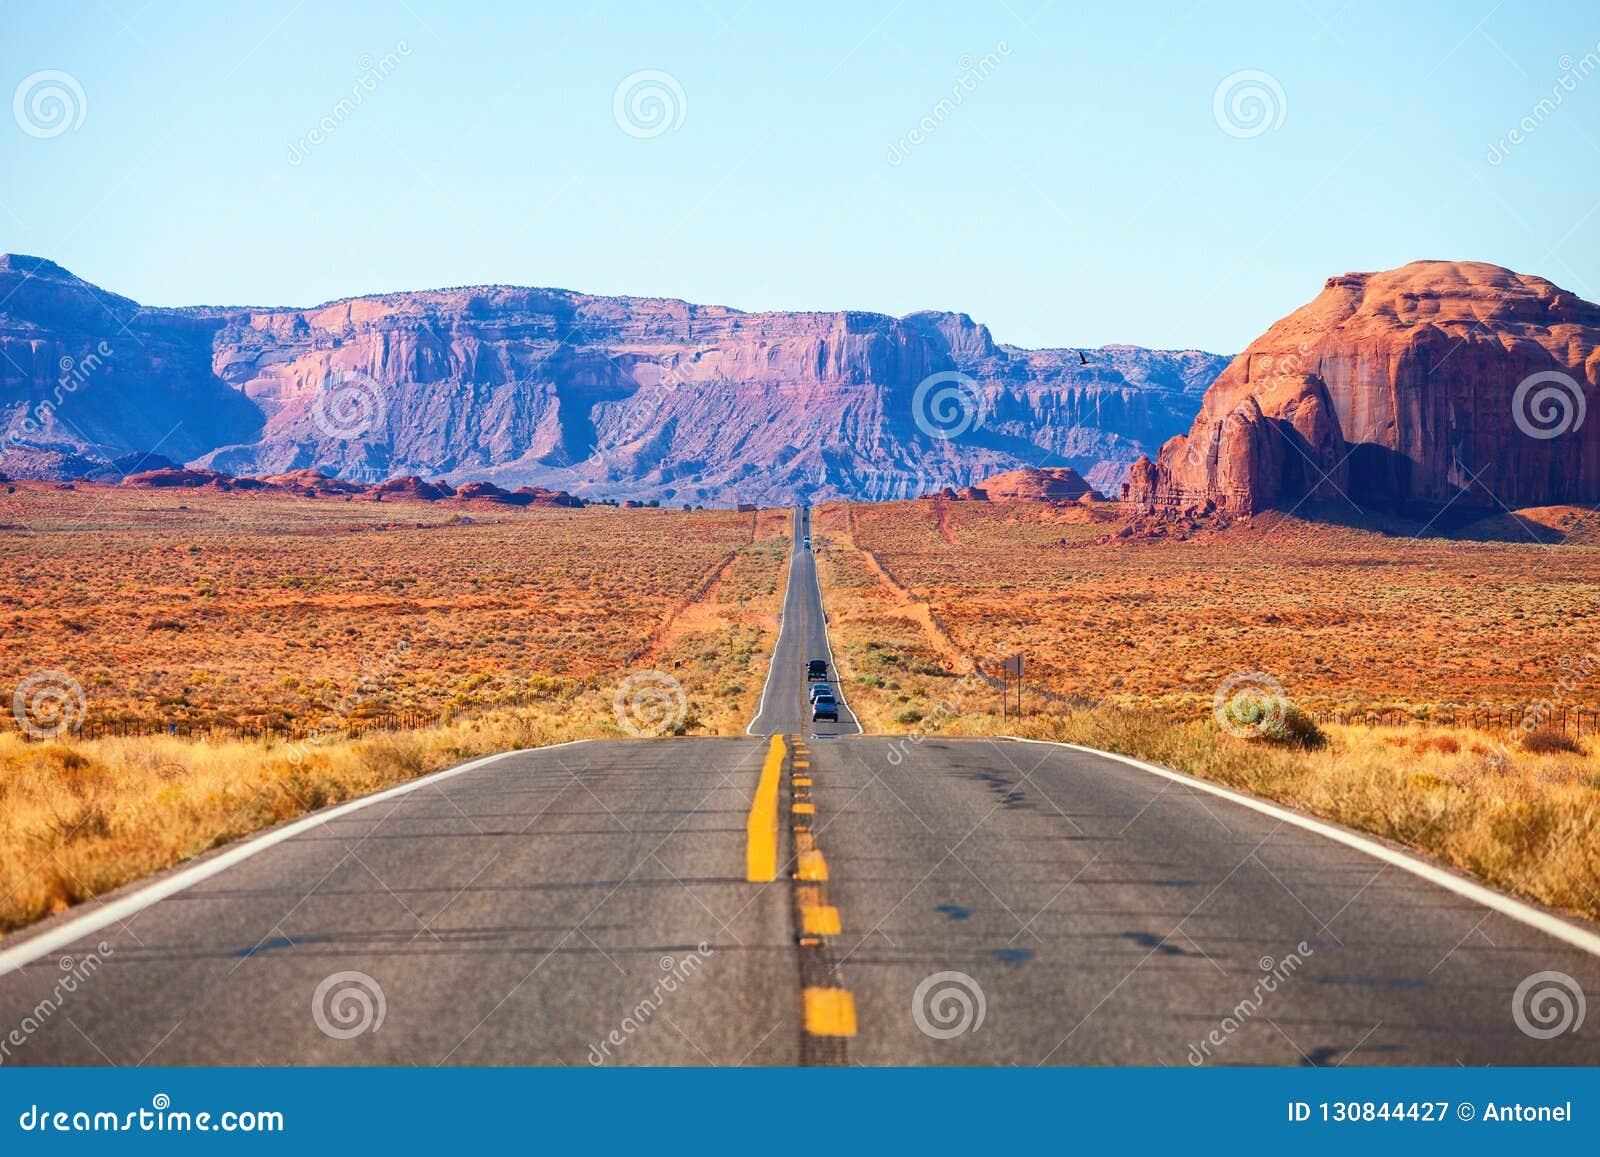 Toneelmening van weg 163 in Monumentenvallei dichtbij de Utah-Arizona grens, Verenigde Staten